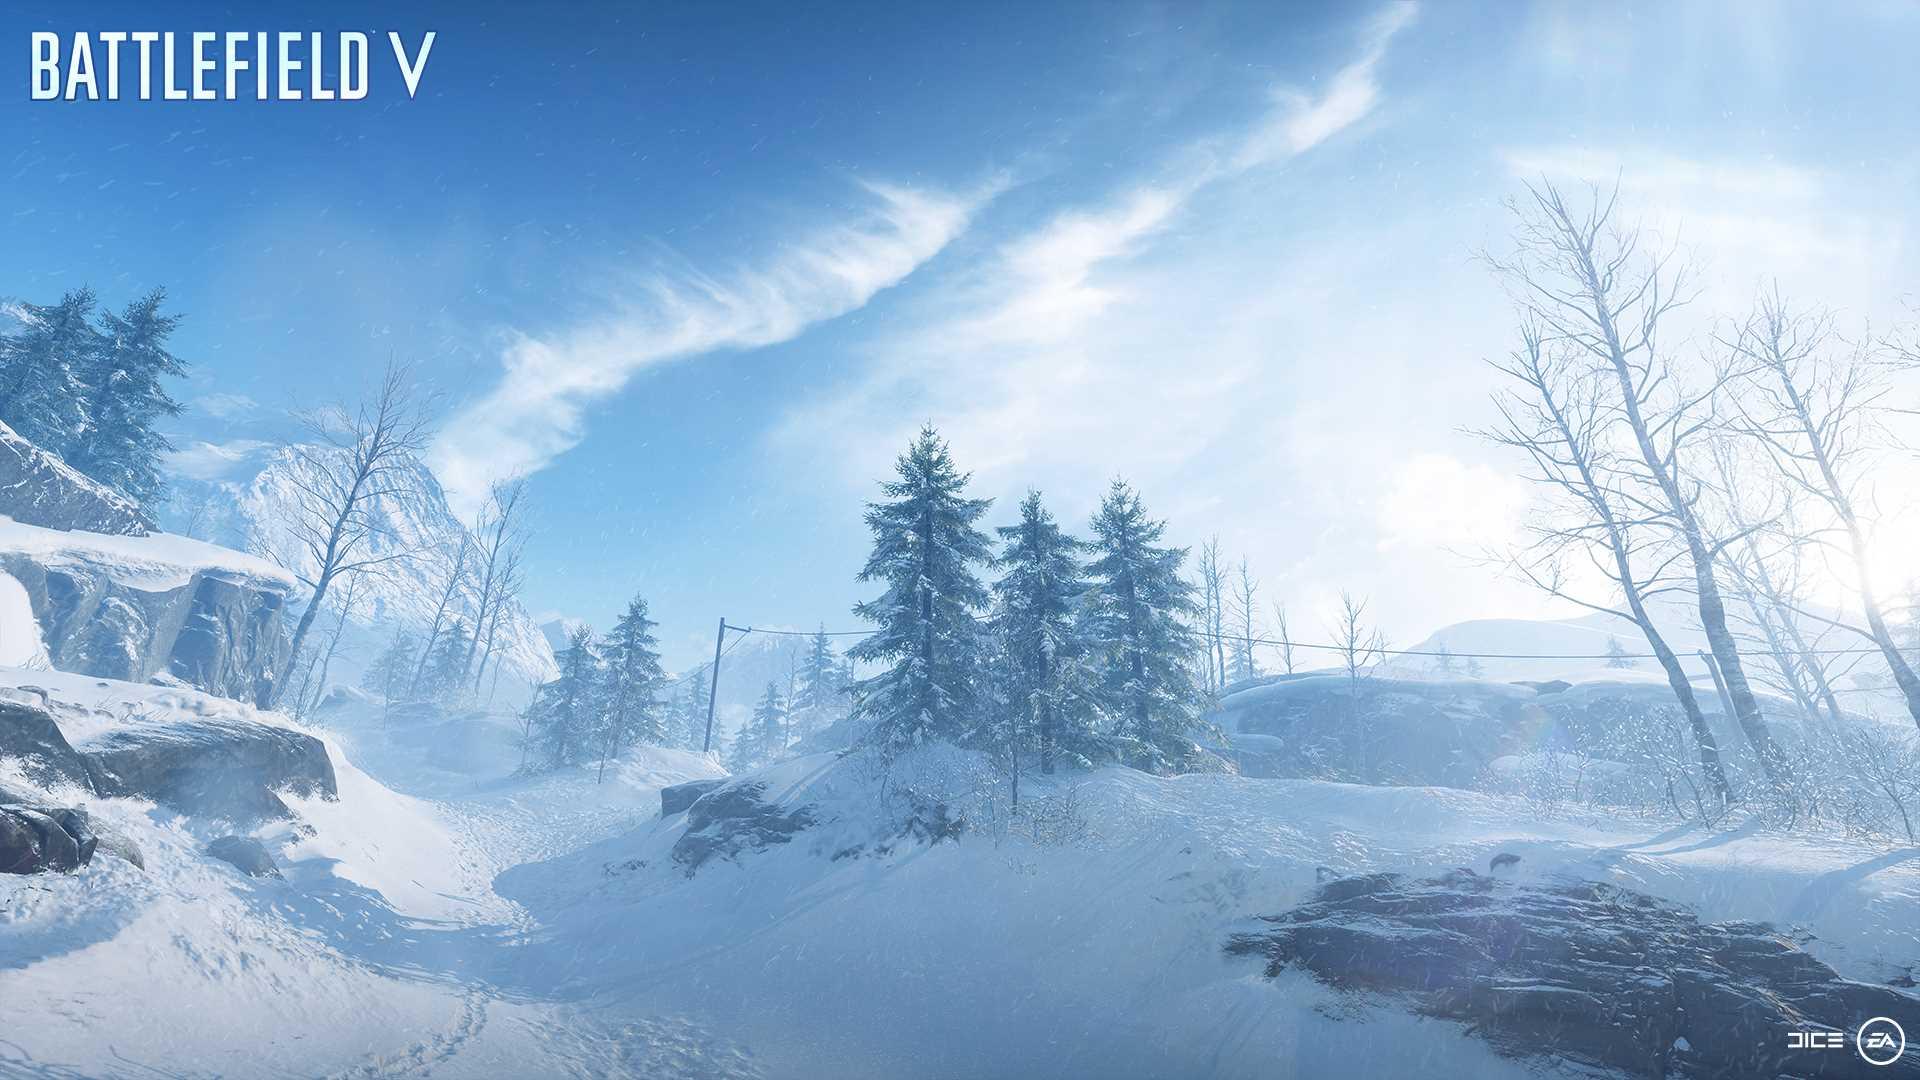 На иллюстрации изображена карта из игры Battlefield V: заснеженные овраги и холмы норвежского побережья города Нарвик